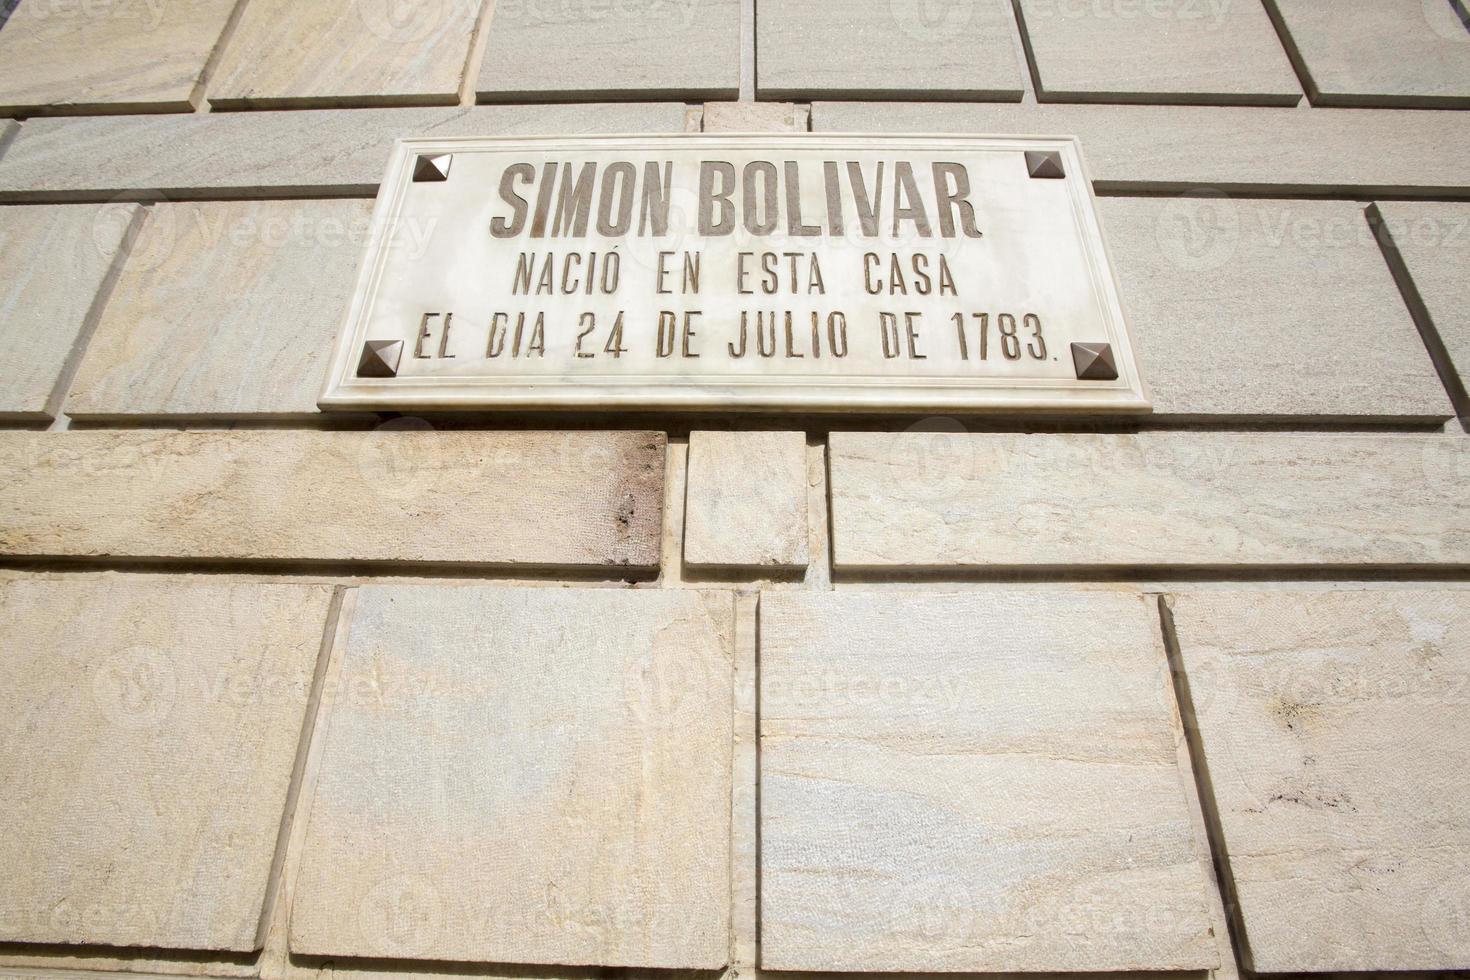 casa natale di simon bolivar, caracas, venezuela foto